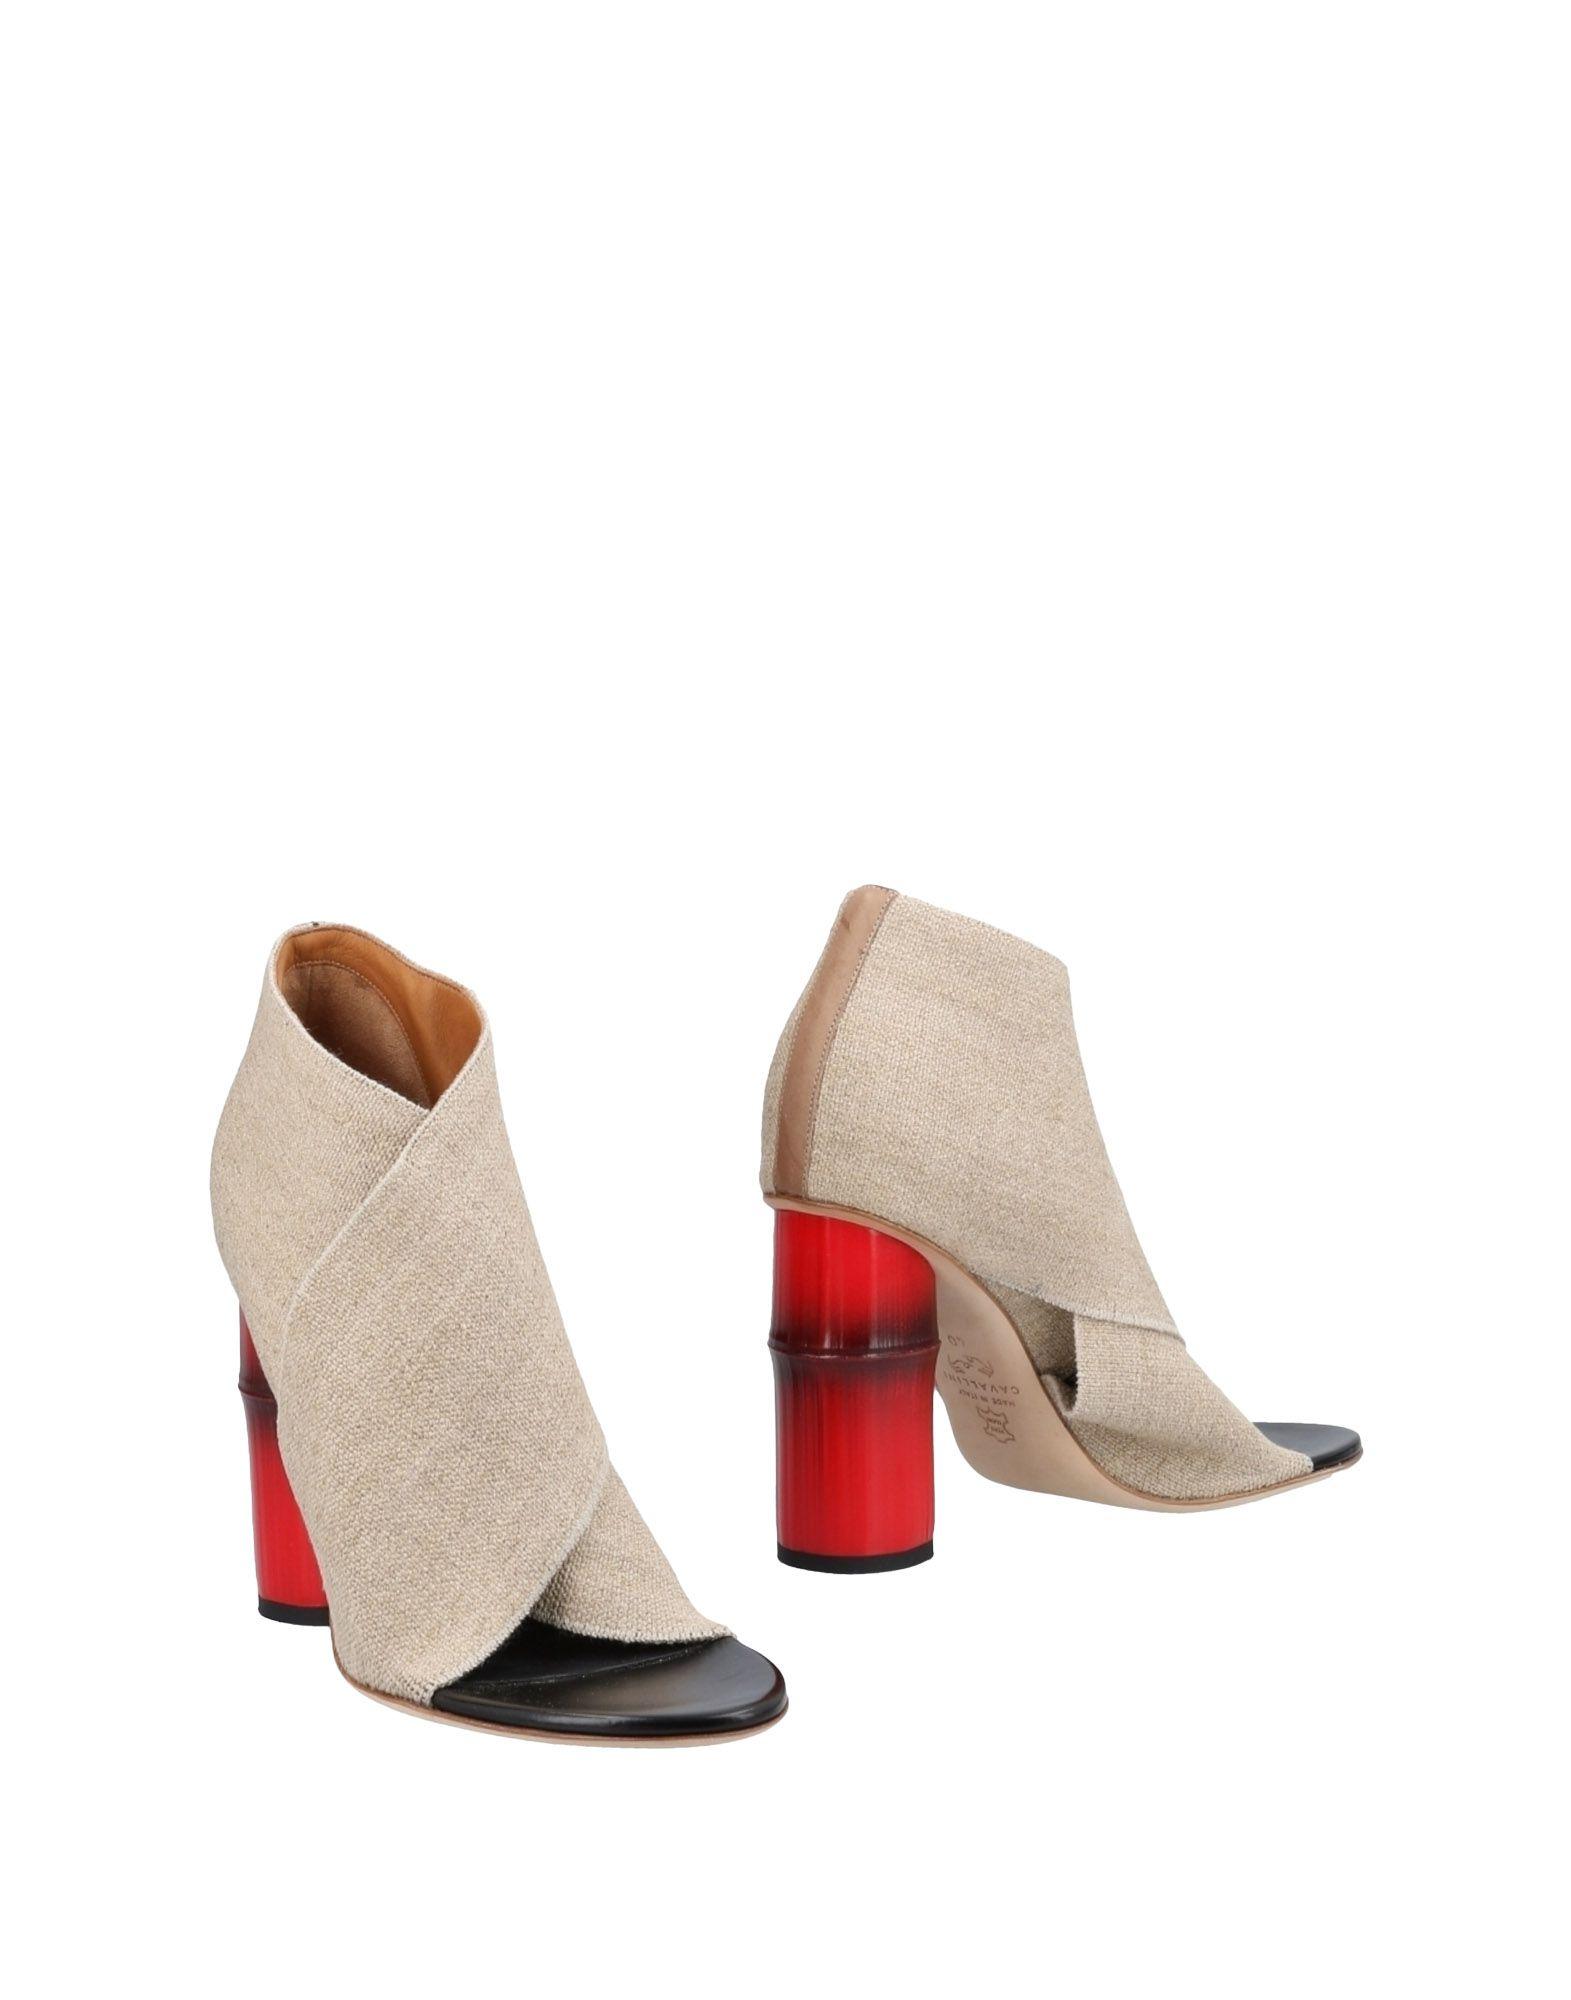 CAVALLINI Полусапоги и высокие ботинки плейбой бренд осенью открытый скалолазания и пешие прогулки досуга для дыхания и водонепроницаемым мужские ботинки